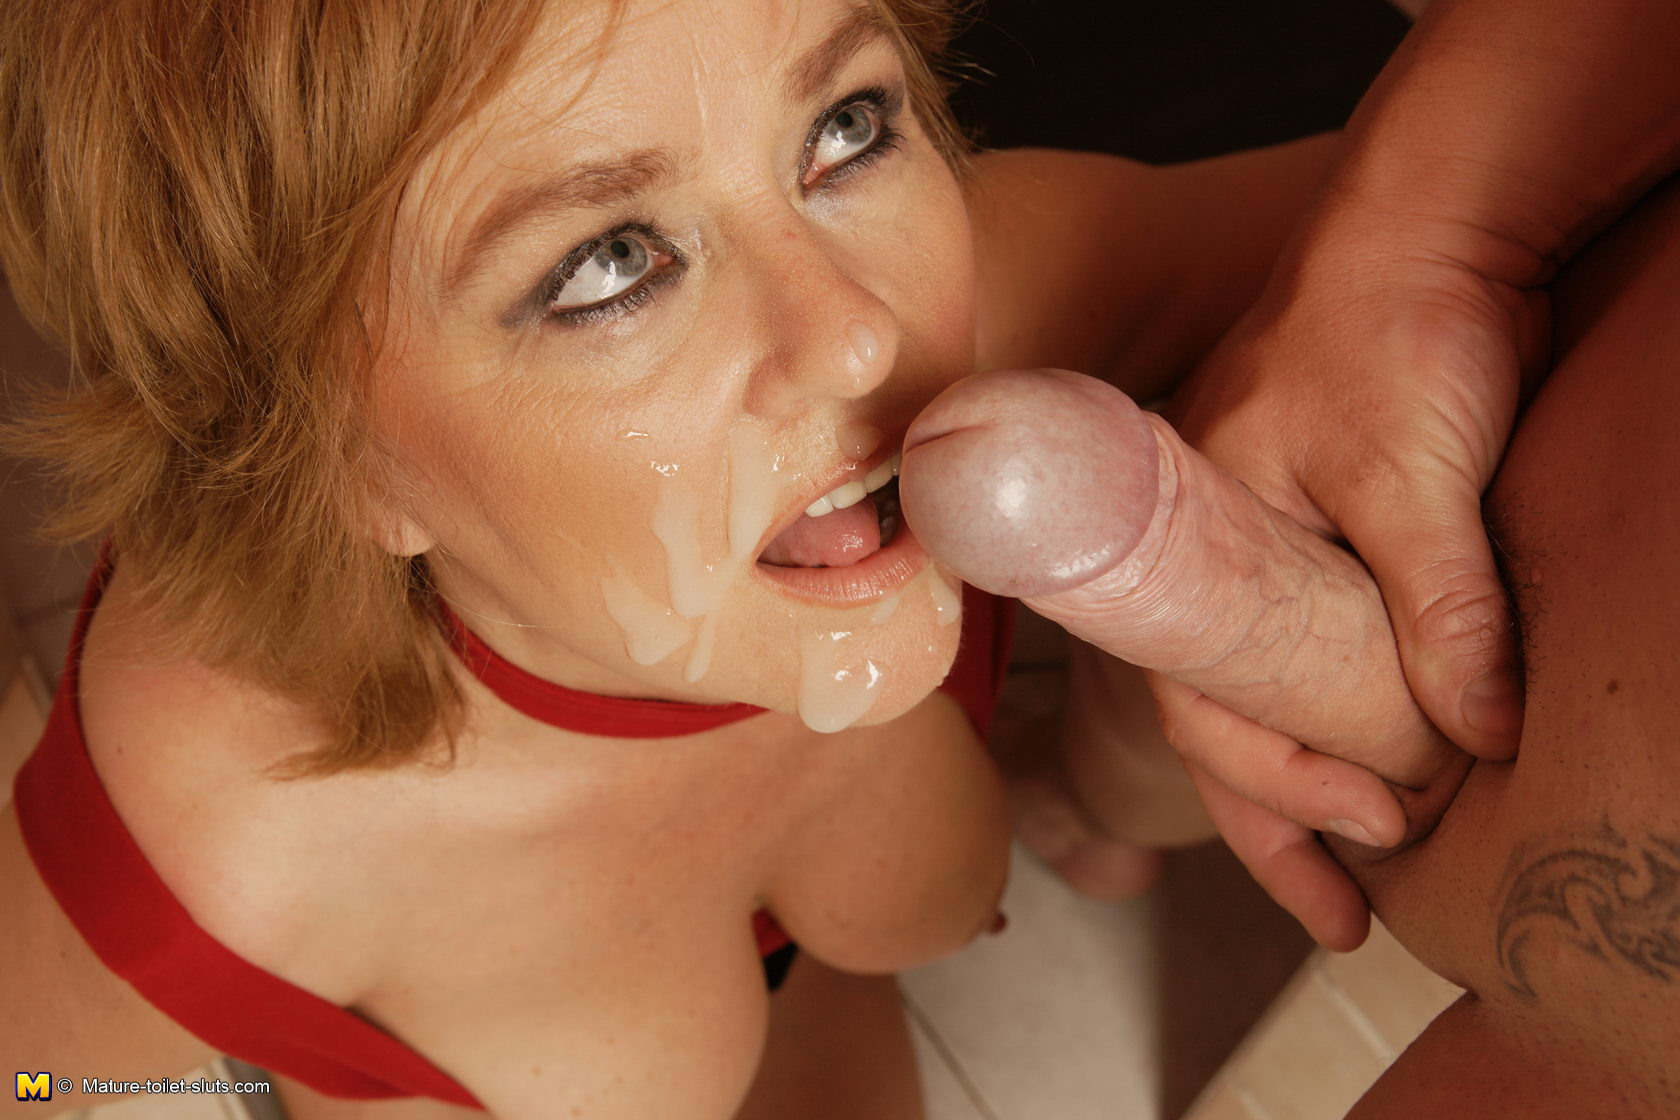 submissive bdsm female gag